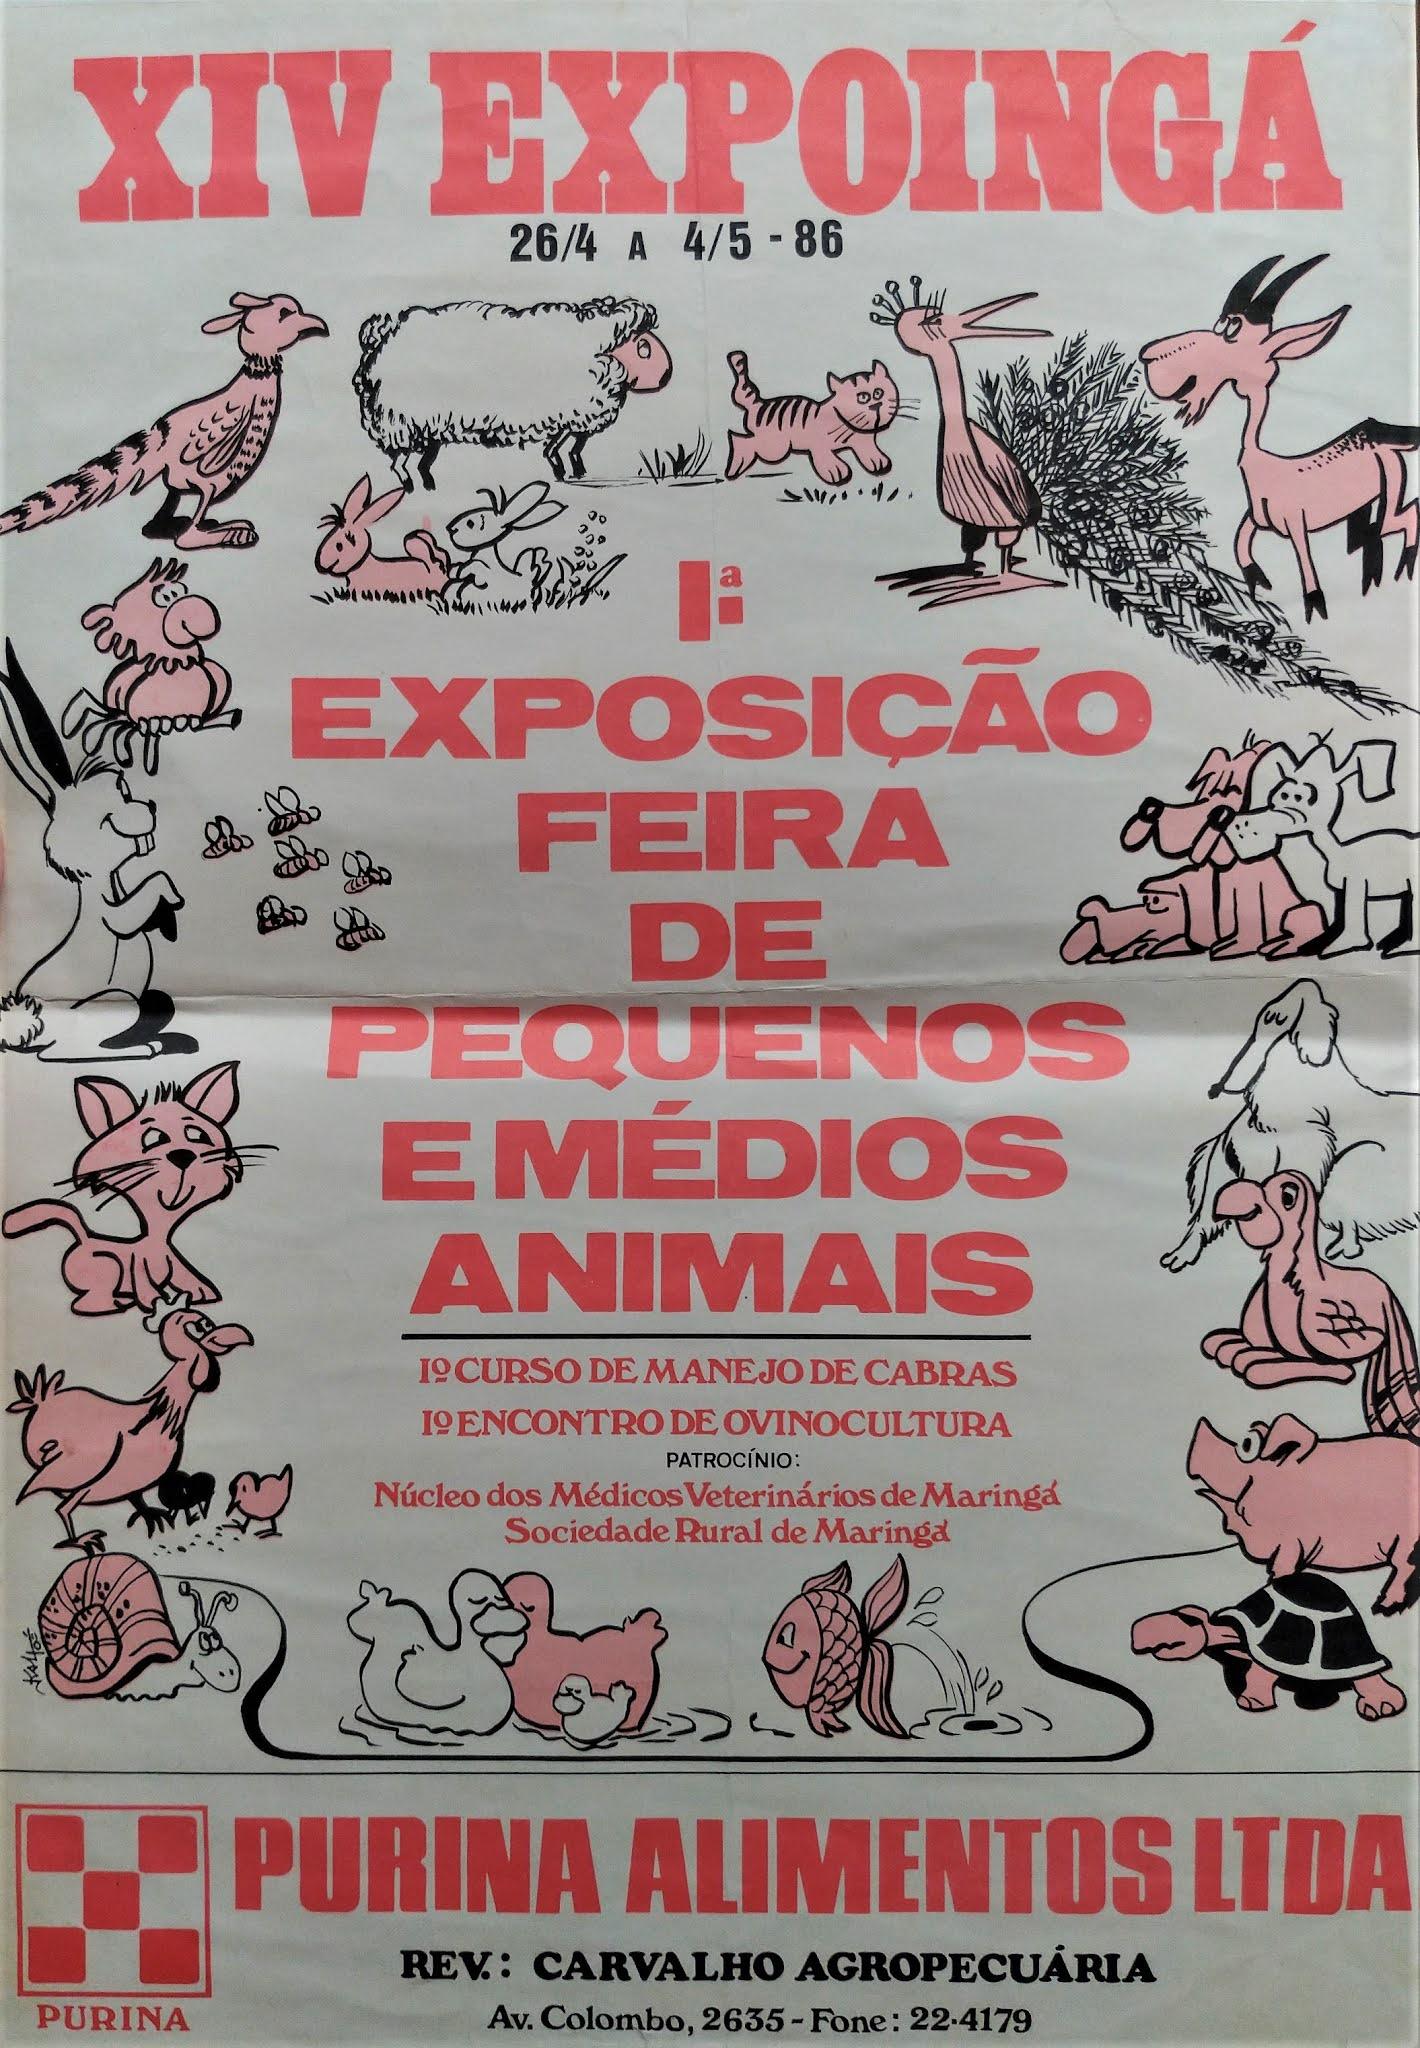 1ª Feira de Pequenos e Médios Animais da EXPOINGÁ - 1986